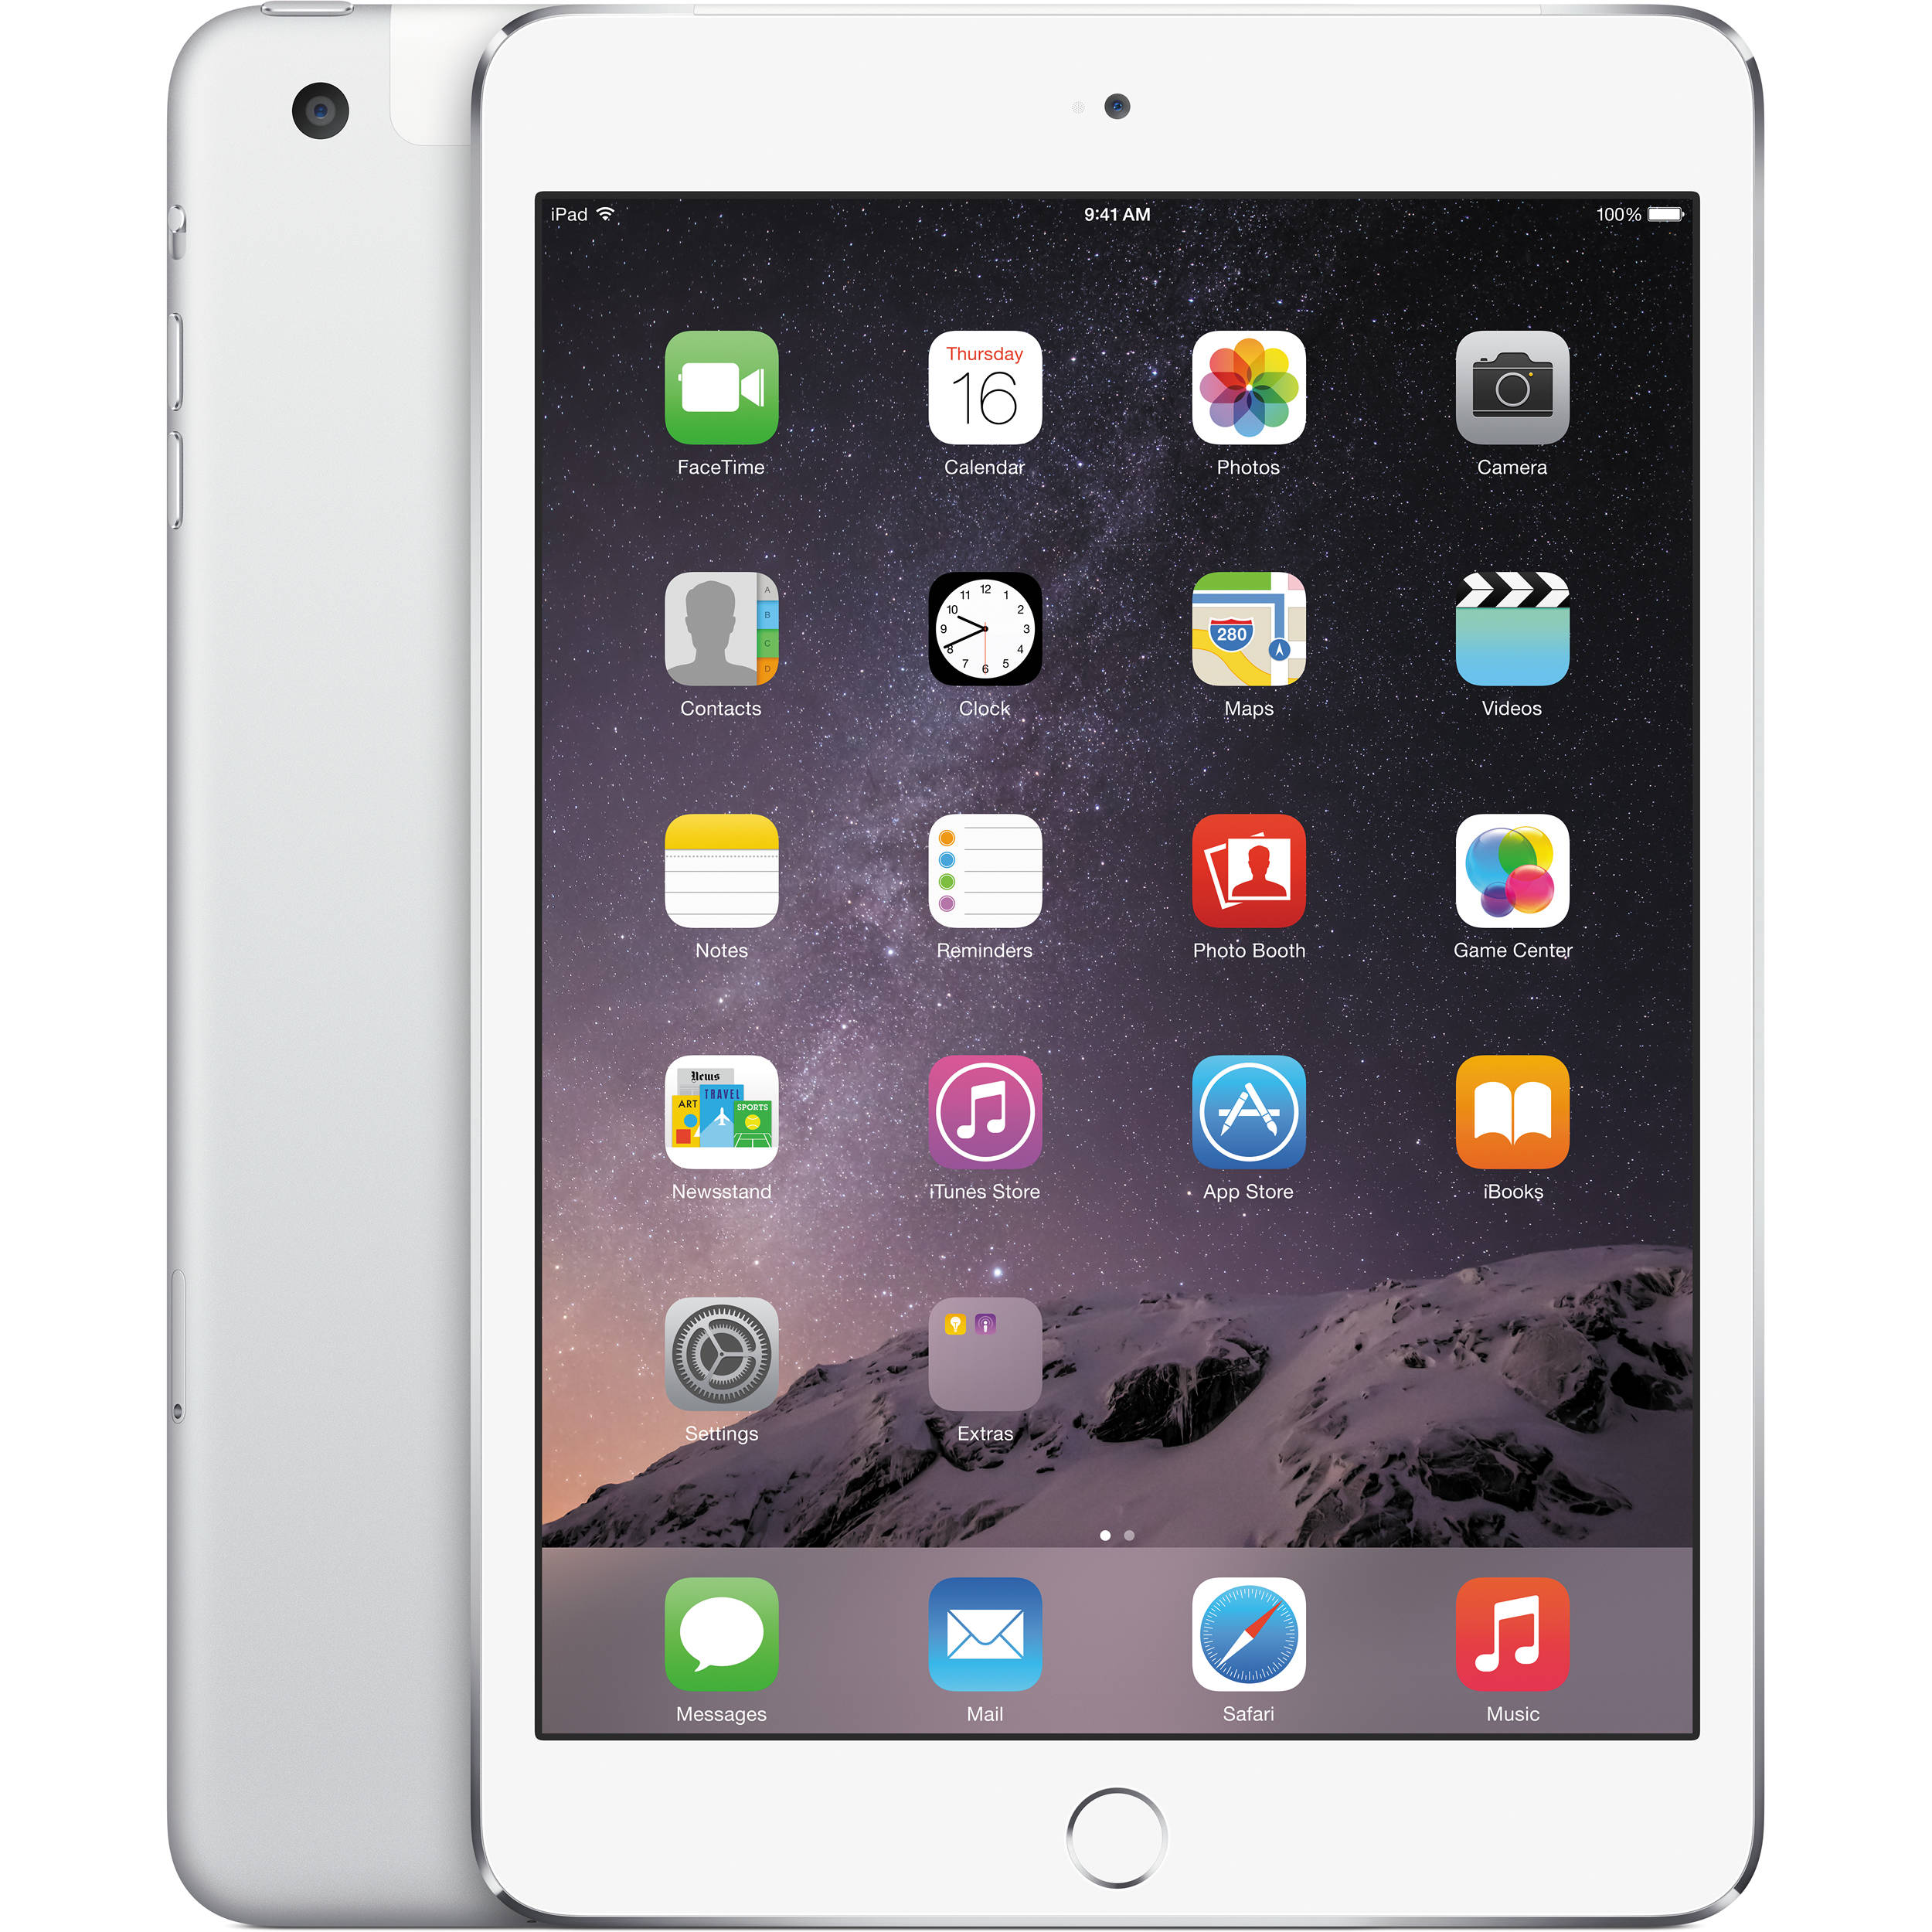 Apple 16GB iPad mini 3 (Wi-Fi + 4G LTE, Silver) MH3F2LL/A B&H